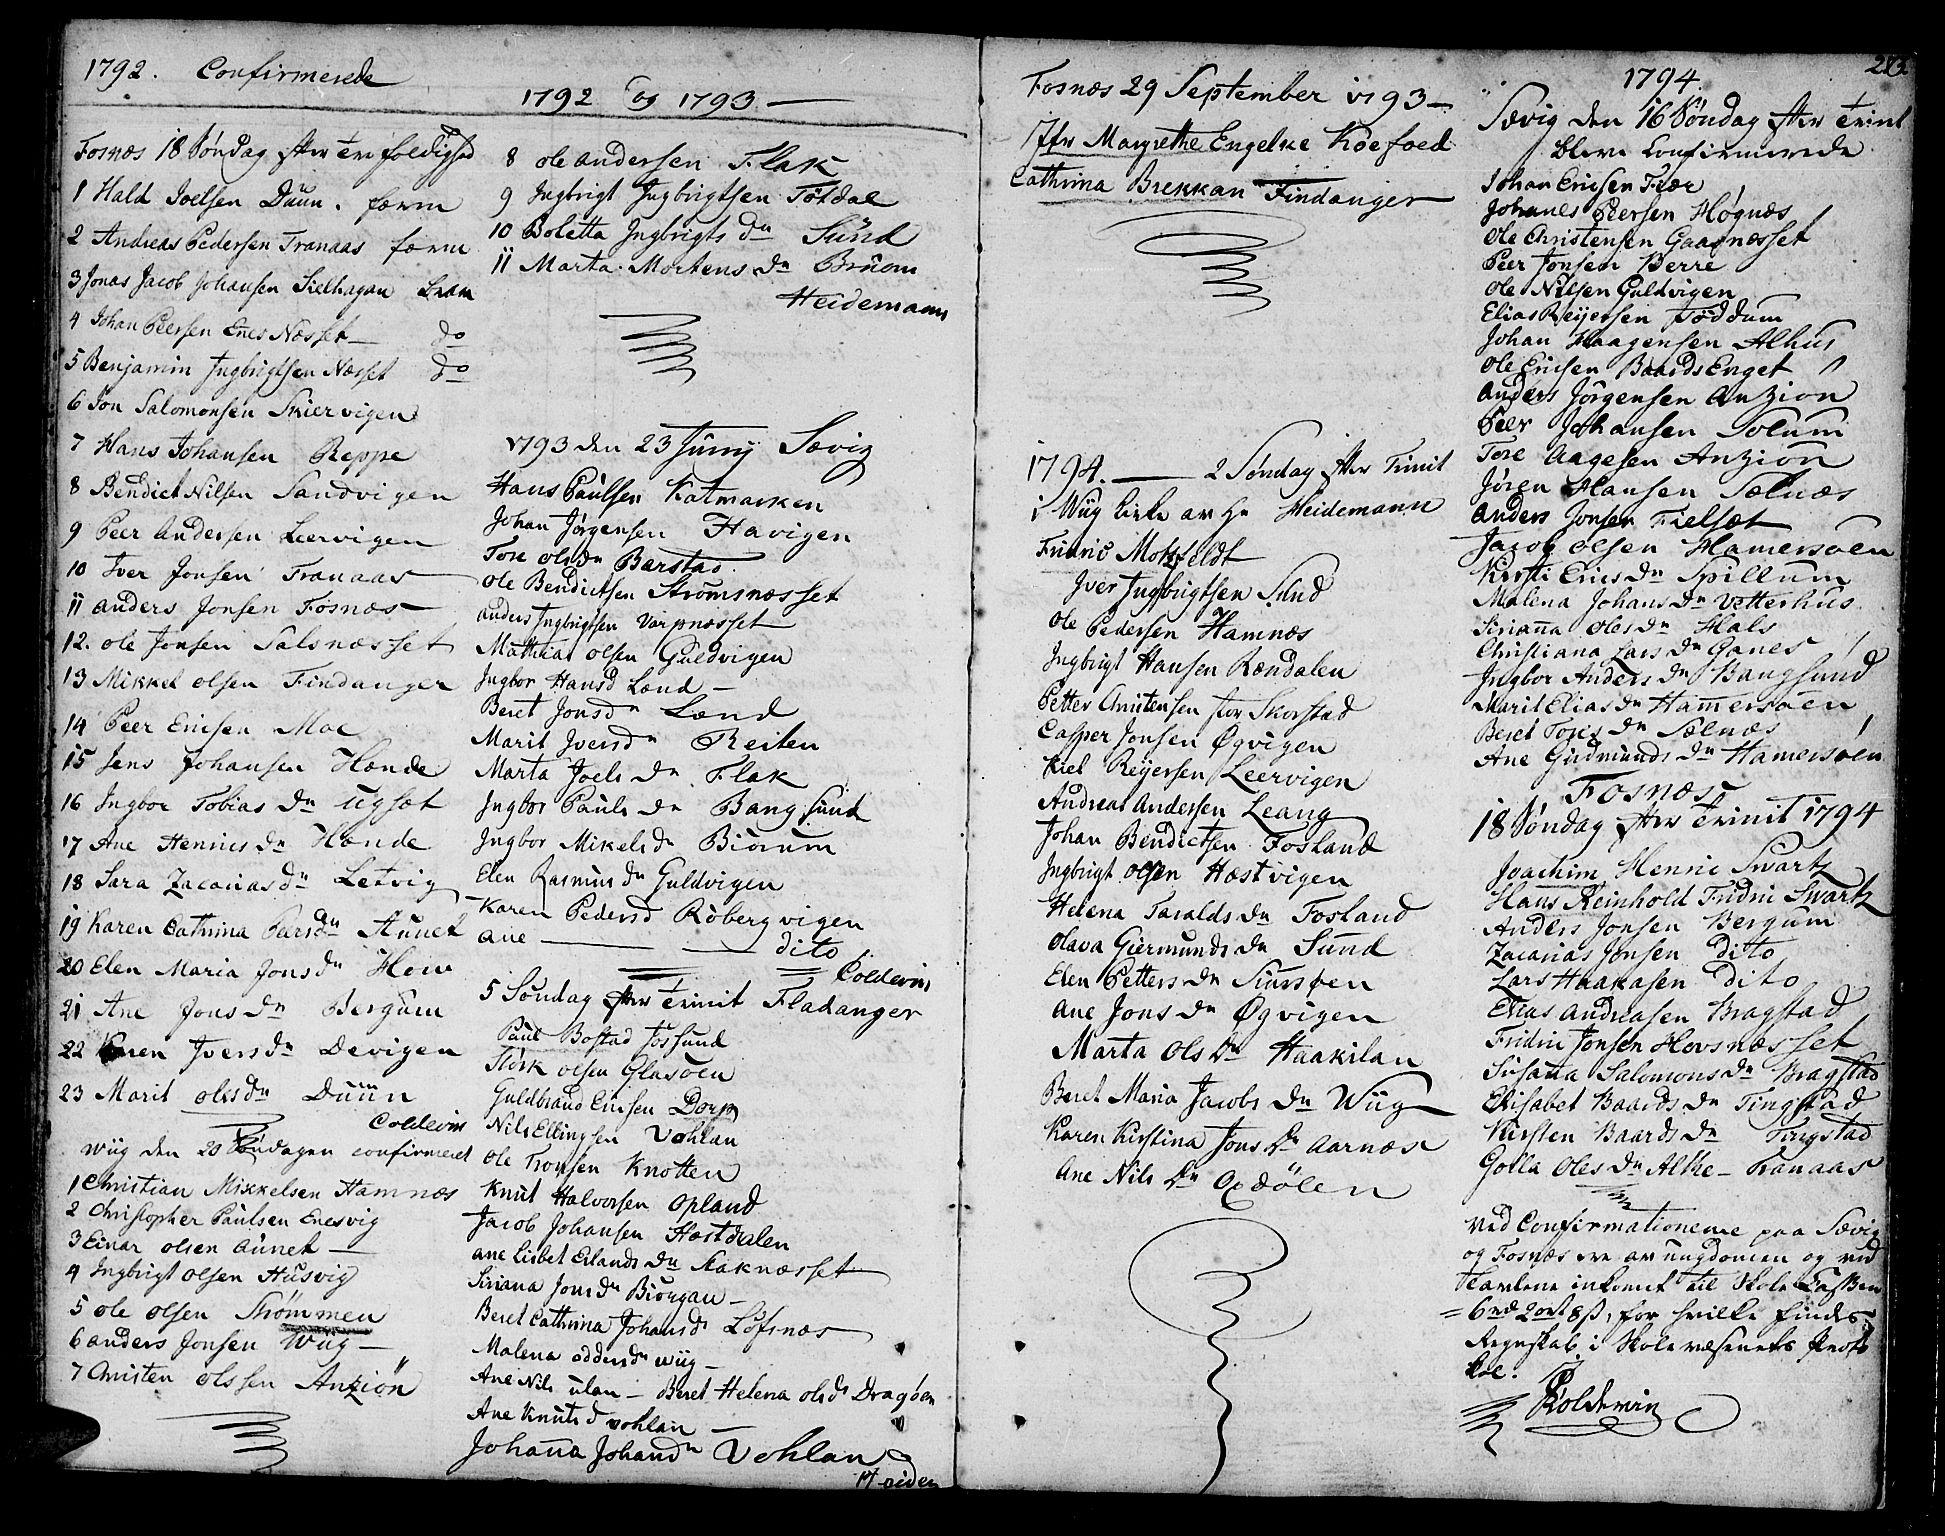 SAT, Ministerialprotokoller, klokkerbøker og fødselsregistre - Nord-Trøndelag, 773/L0608: Ministerialbok nr. 773A02, 1784-1816, s. 273